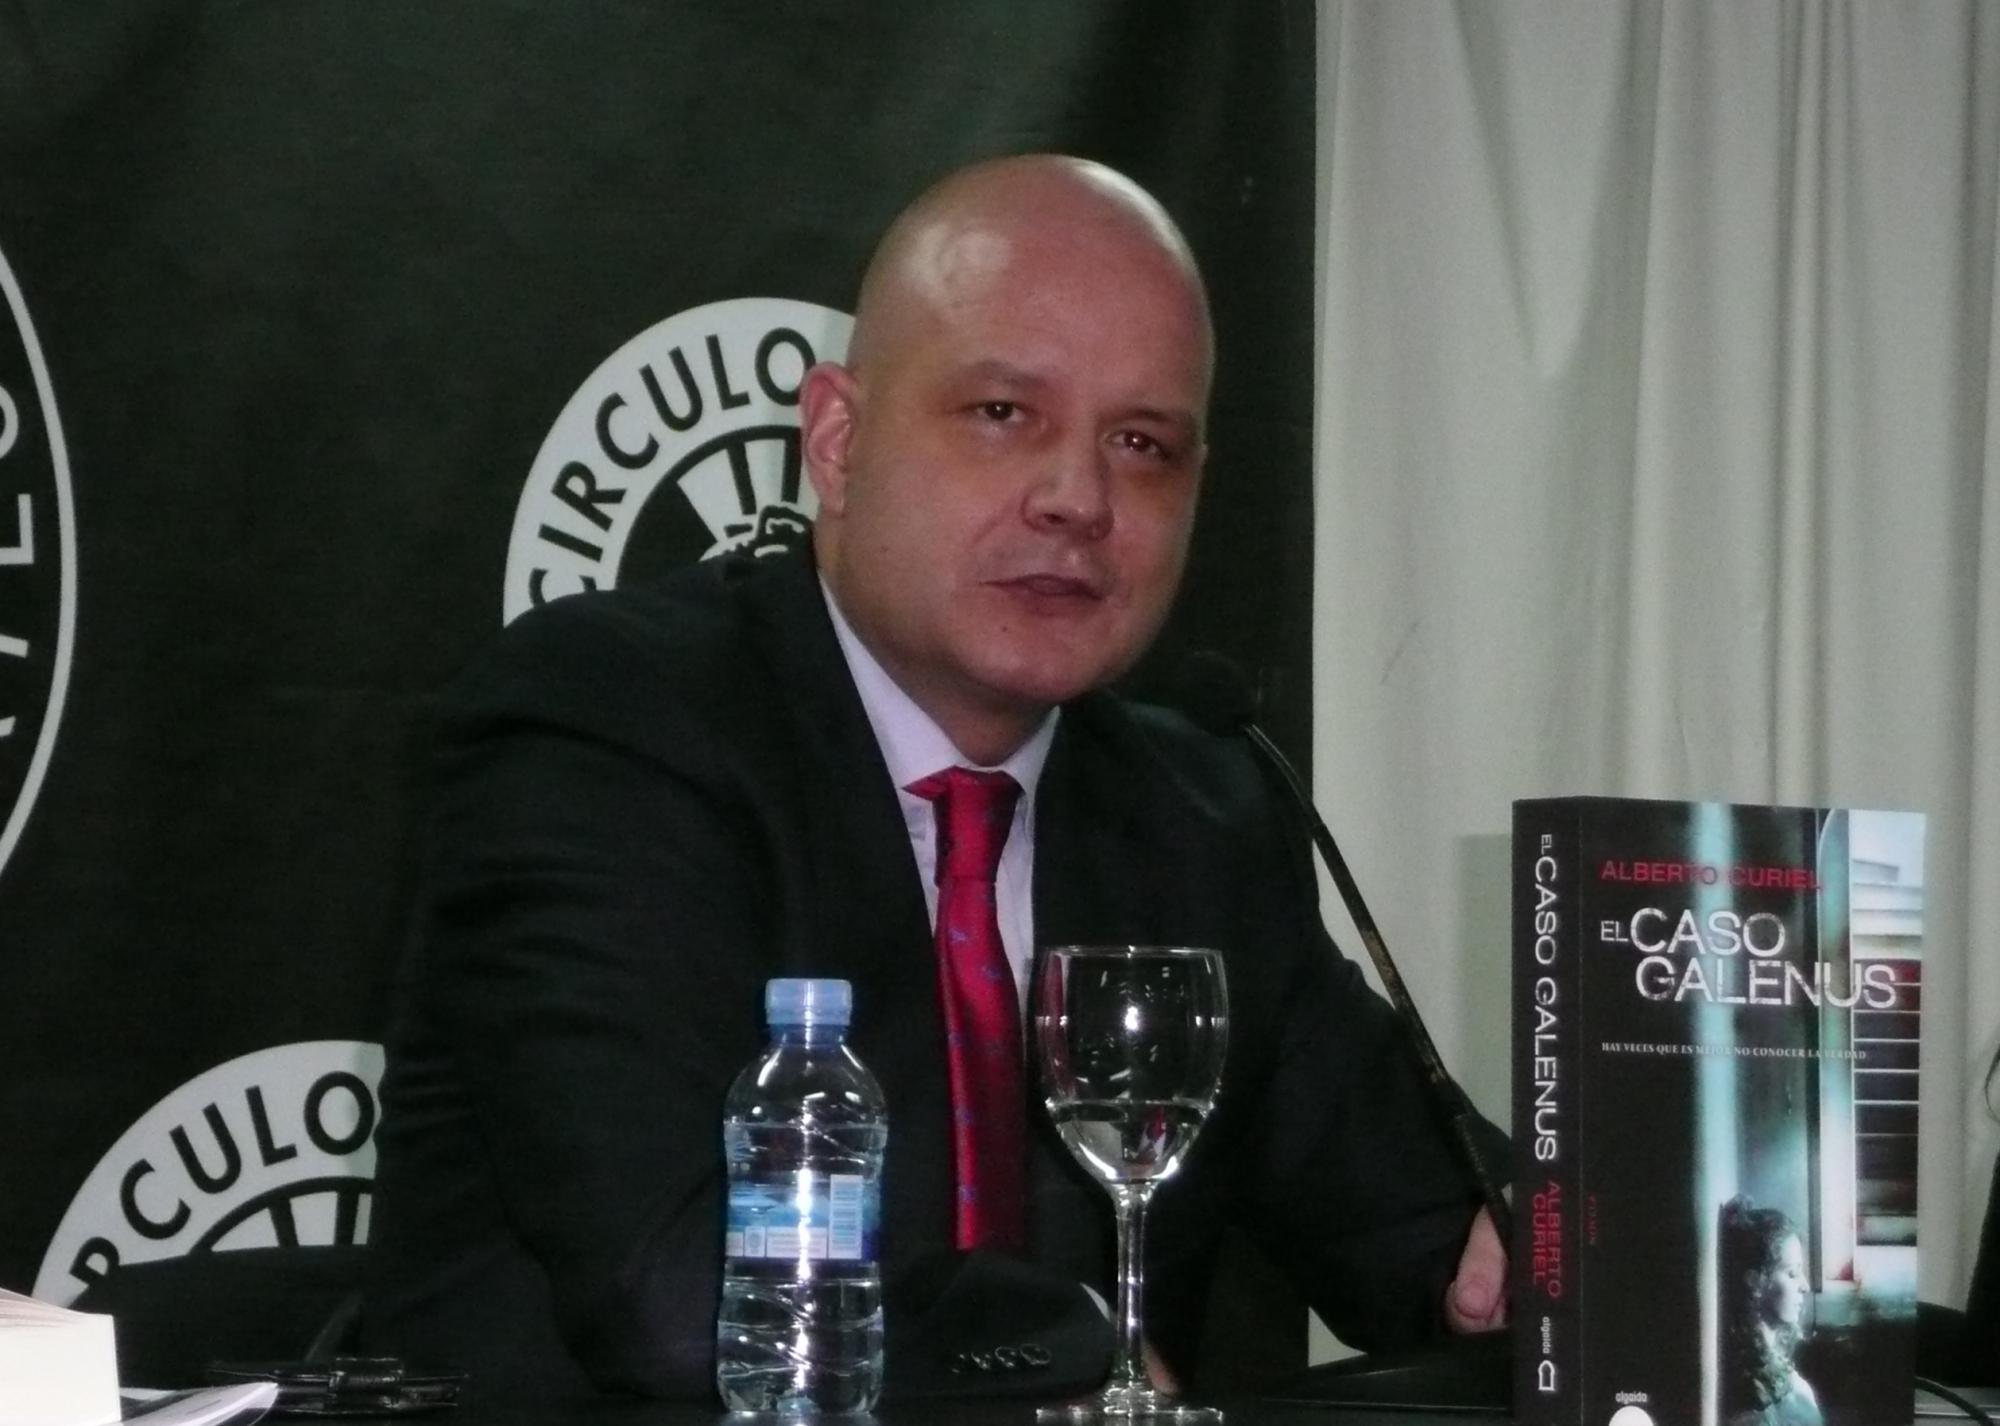 Alberto Curiel